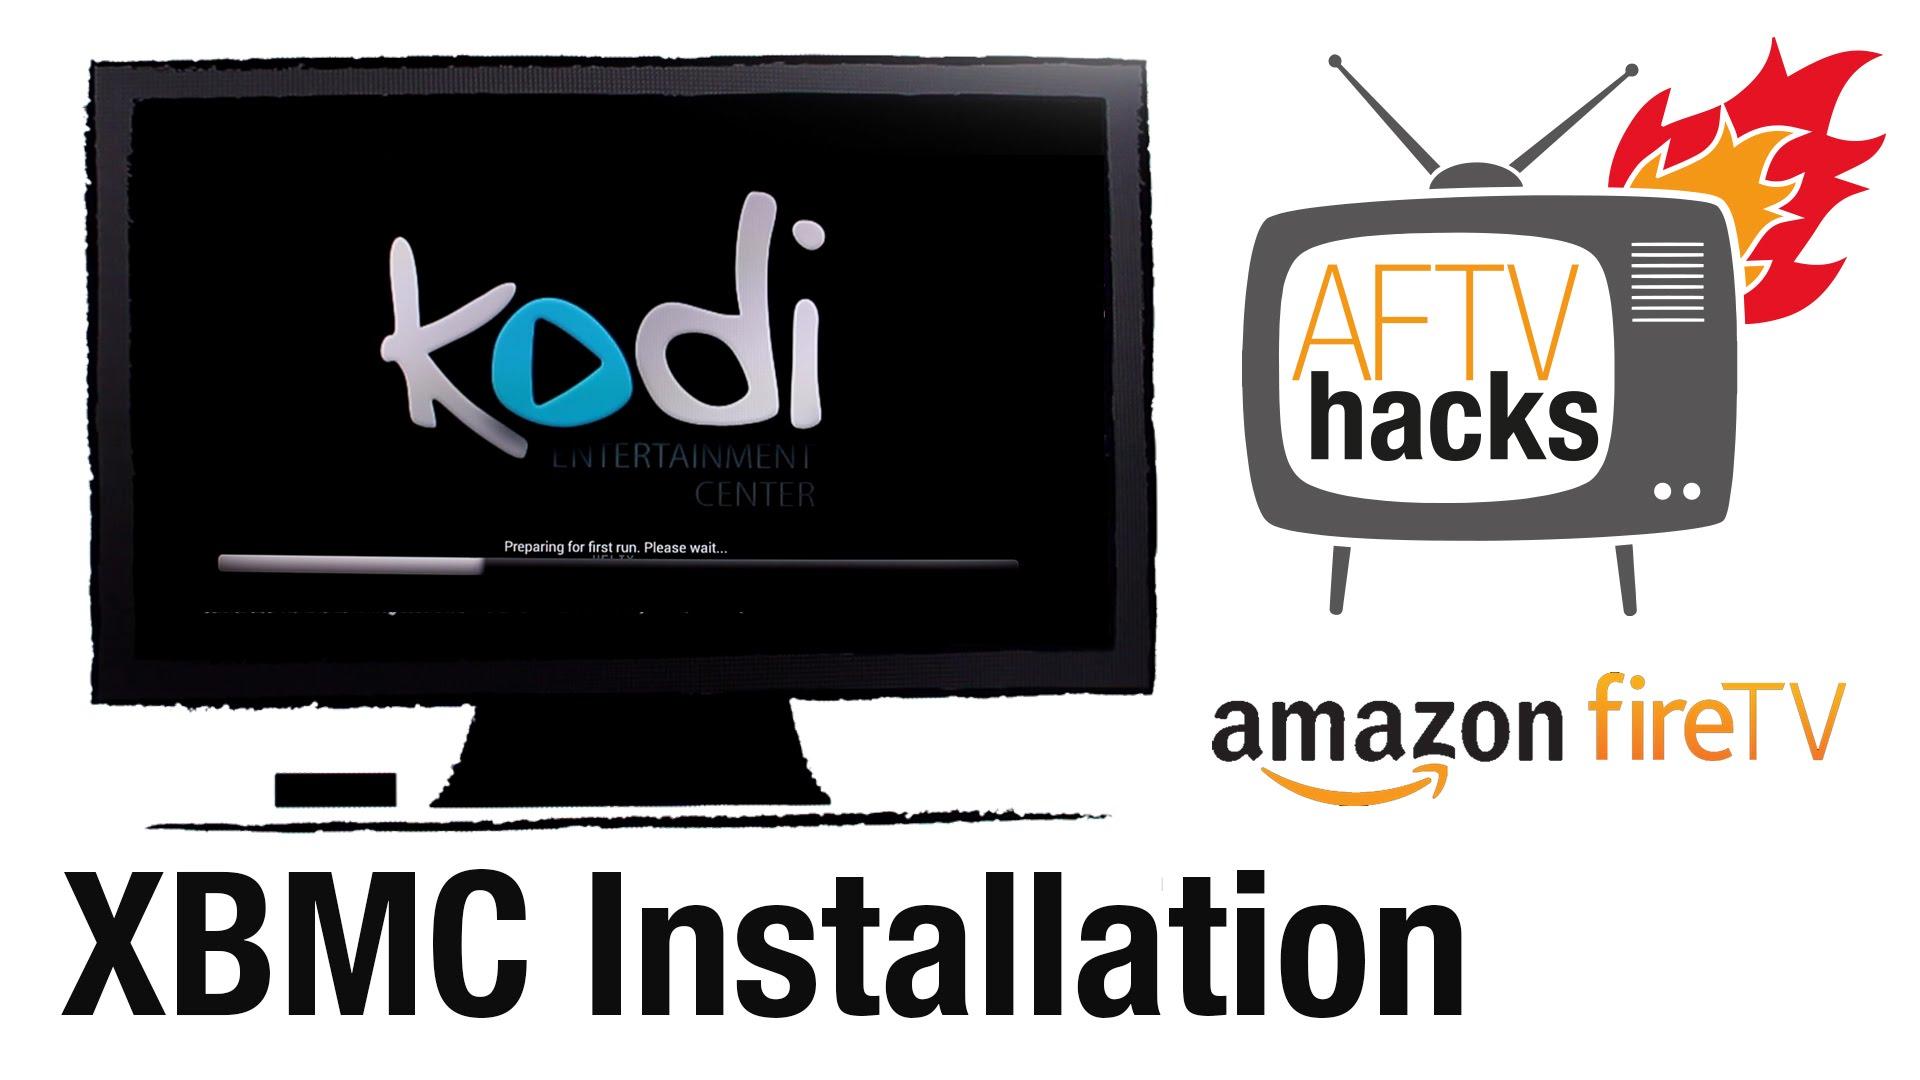 XBMC Kodi auf dem amazon Fire TV installieren - Deutsche Anleitung